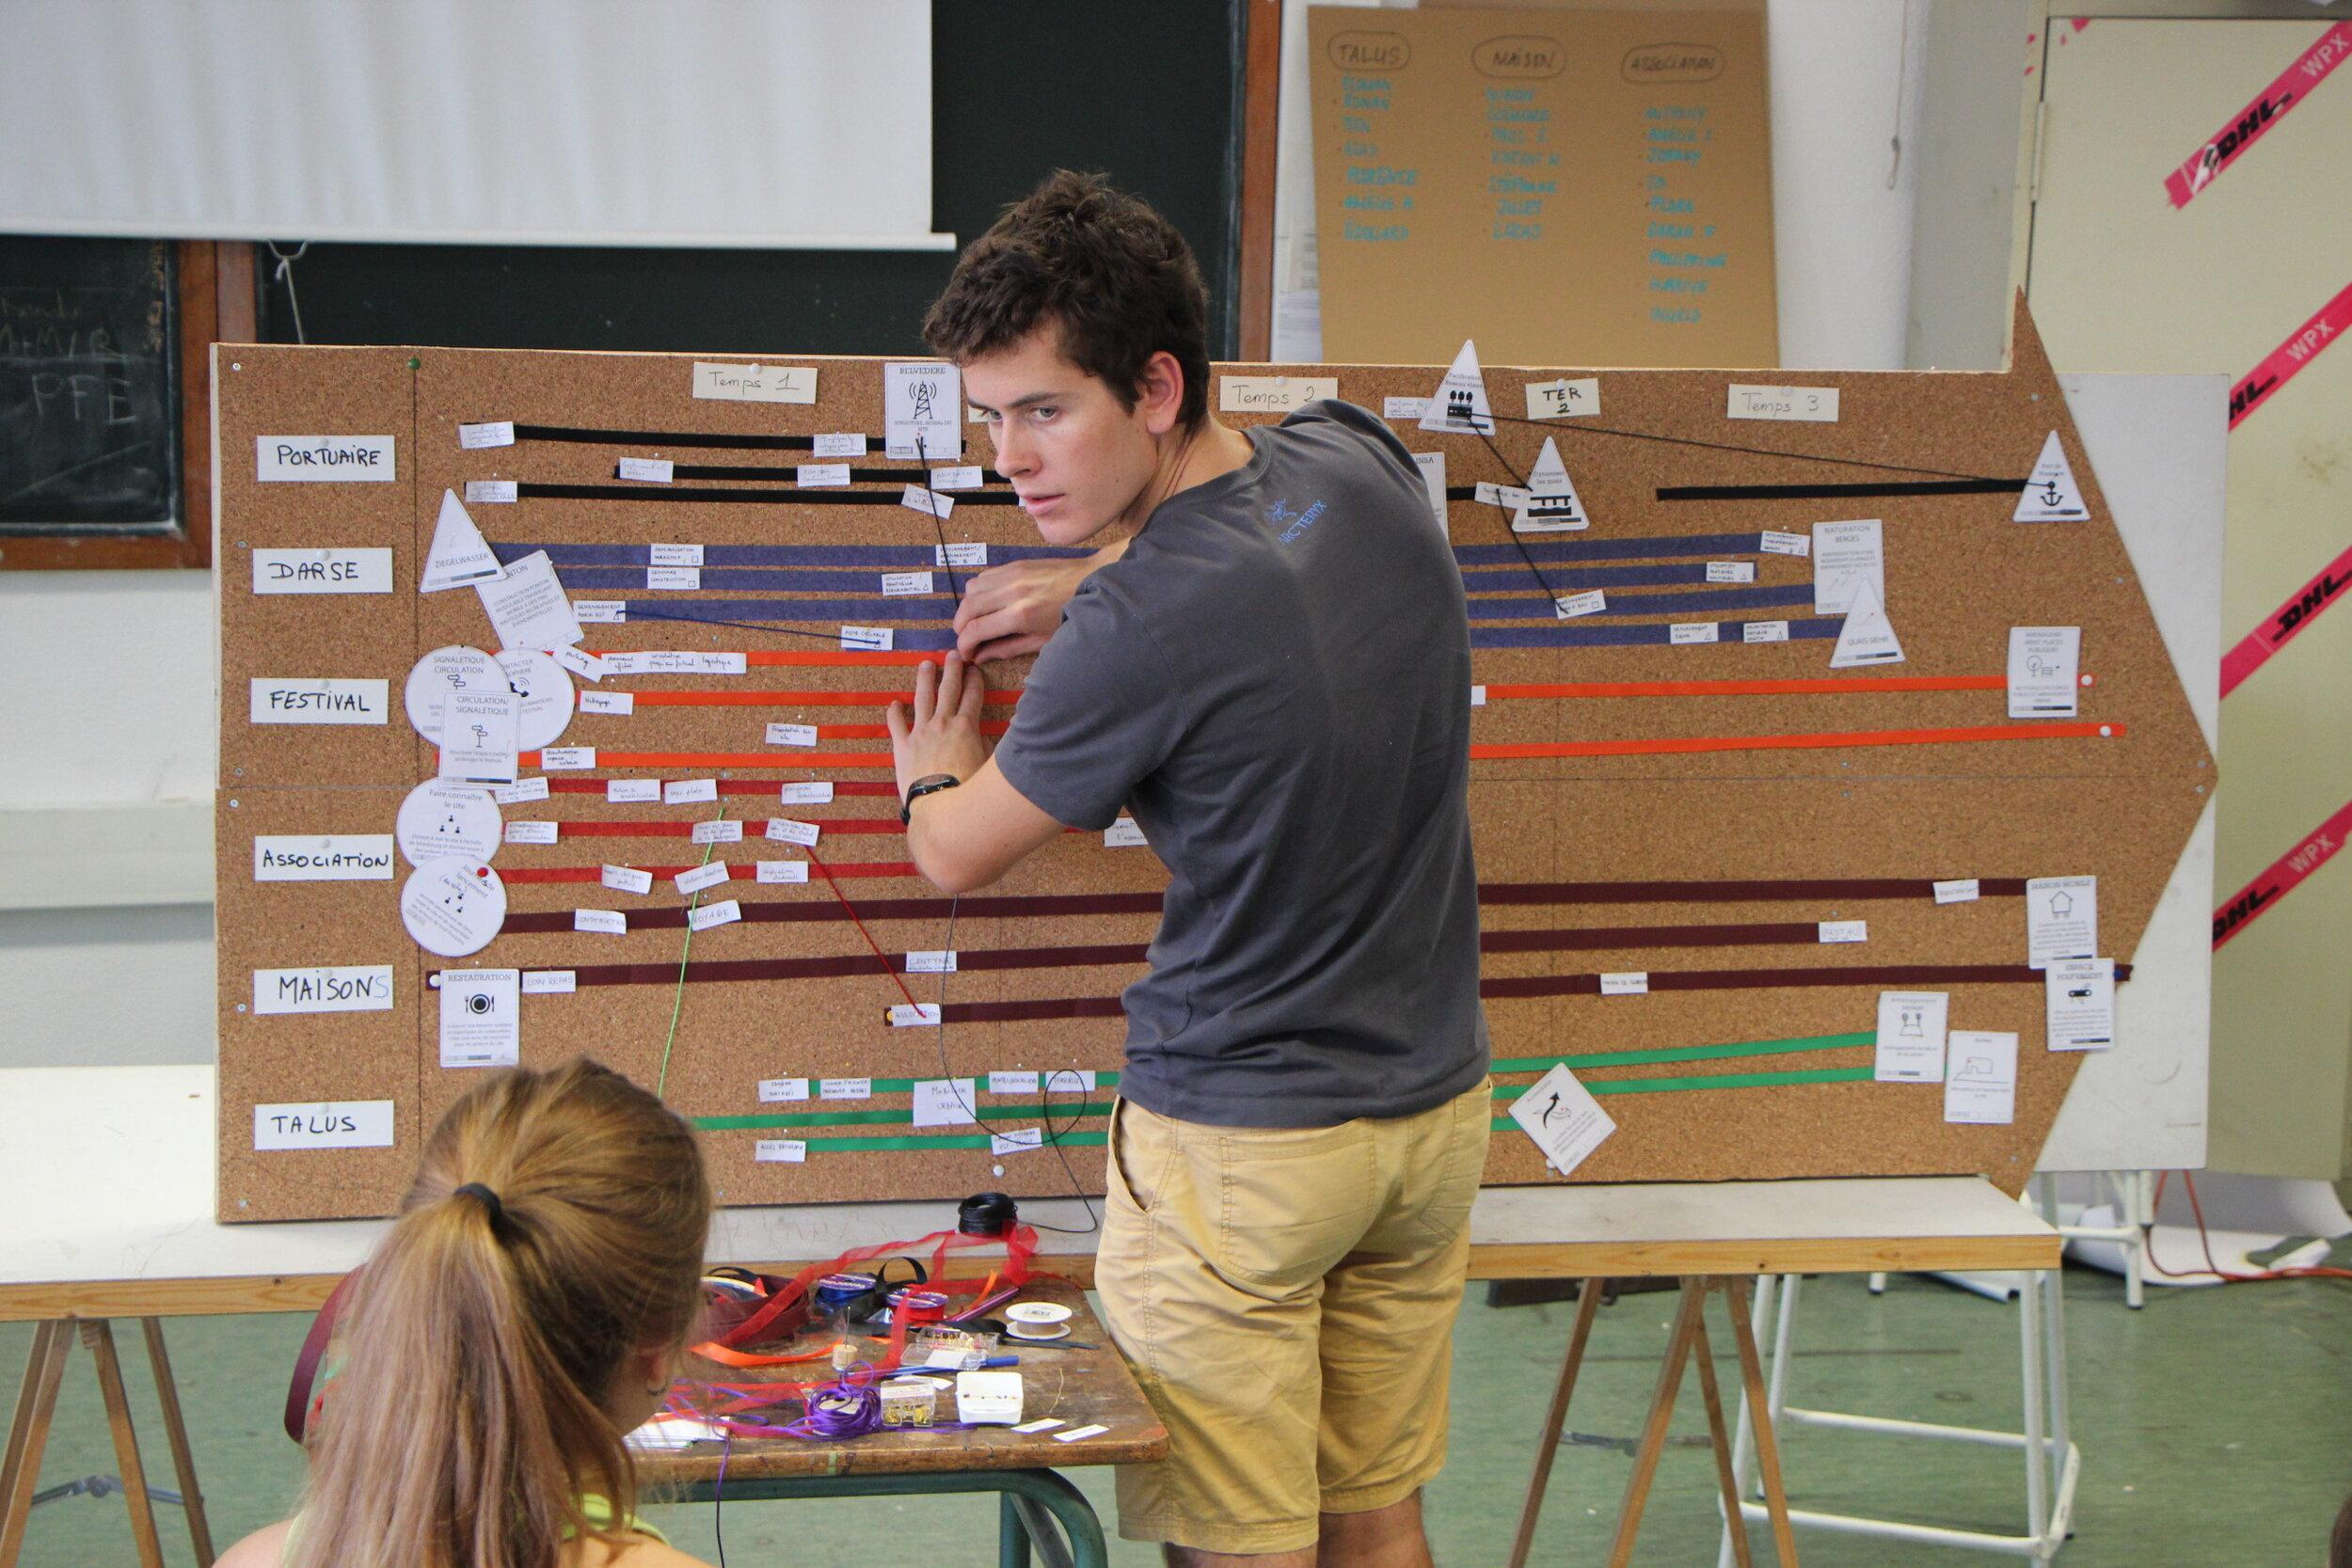 Maquette et frise interactives comme outils de travail collaboratif